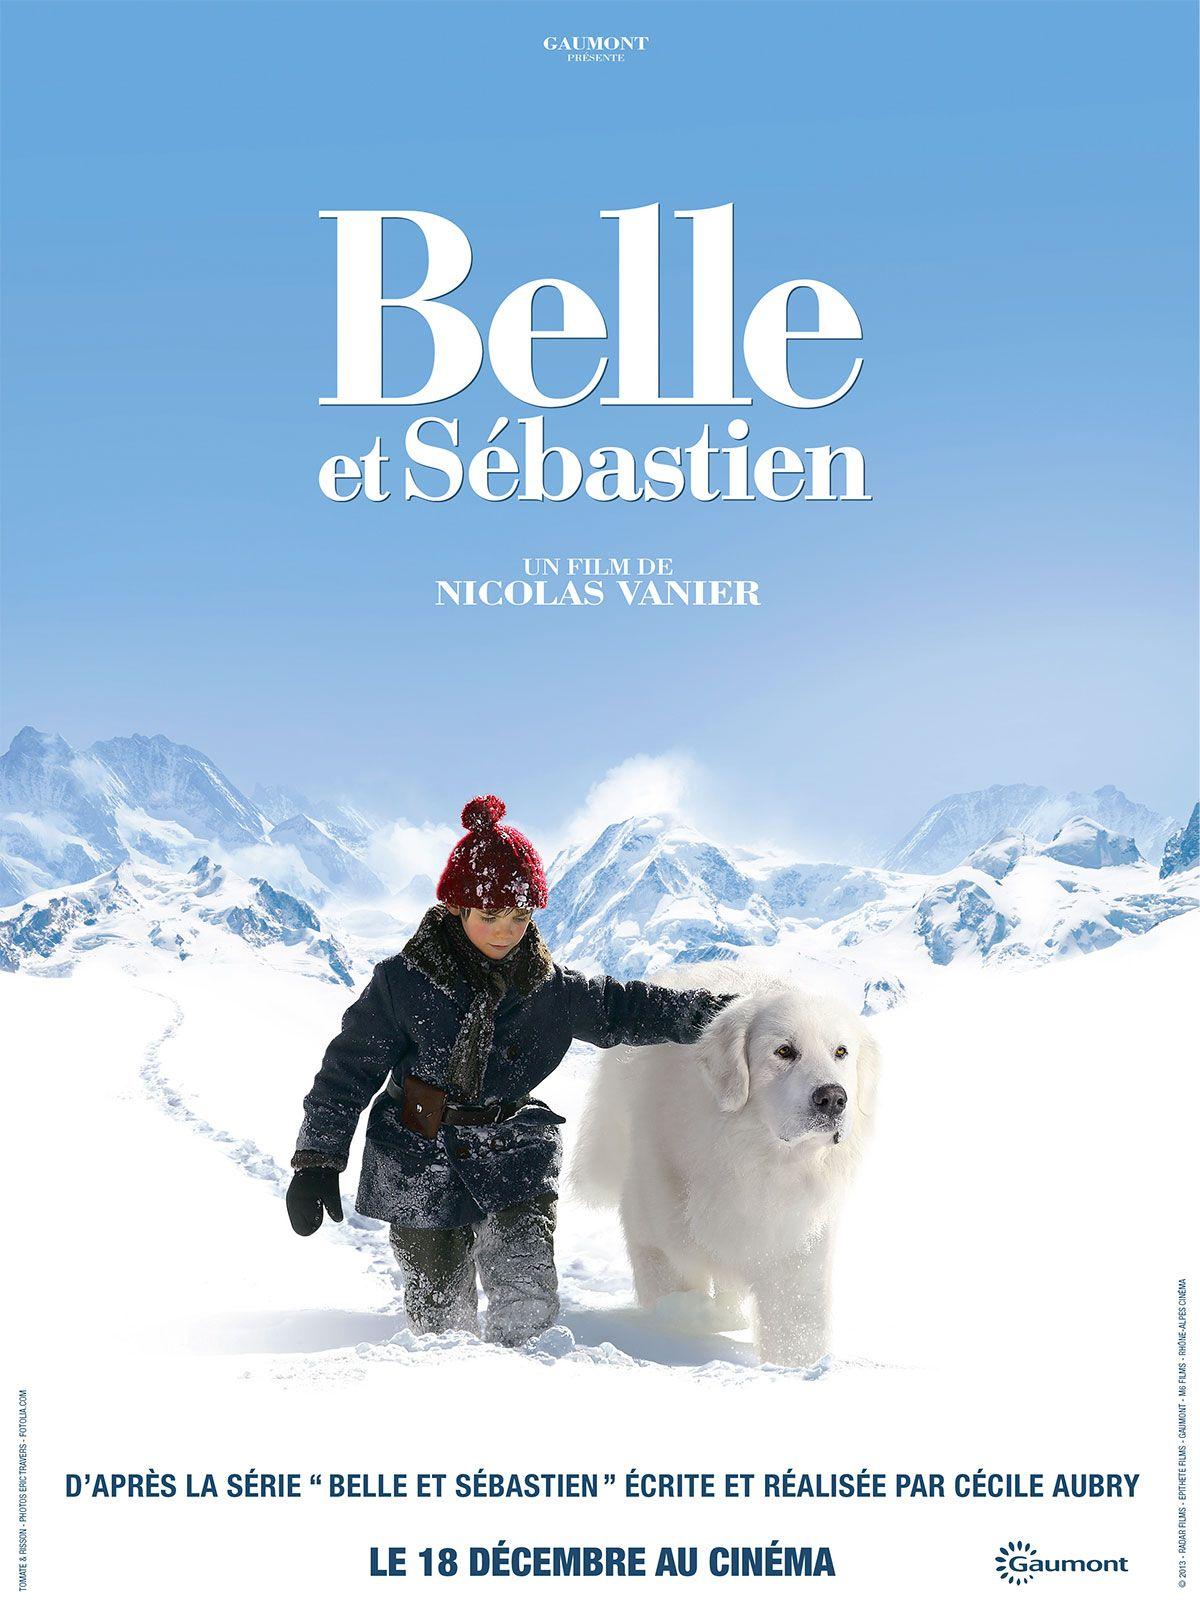 灵犬雪莉Belle et Sébastien (2013)影片改编自法国著名的童书,此前这部书就已经多次被拍成电视剧和电影。故事发生在二战期间的阿尔卑斯山脚下的小镇上,讲述了小男孩塞巴斯蒂安驯化灵犬雪莉的故事。这是一次永恒友谊的历险,也是一个足智多谋而又令人感动孩子不平凡的故事。这是一个小男孩寻找母亲、一位老人追寻过往、一个抵抗战士寻找爱情、一位年轻女子寻觅奇遇、一个德国军官寻求宽恕的离奇旅程。这是灵犬雪莉与塞巴斯蒂安的生活……